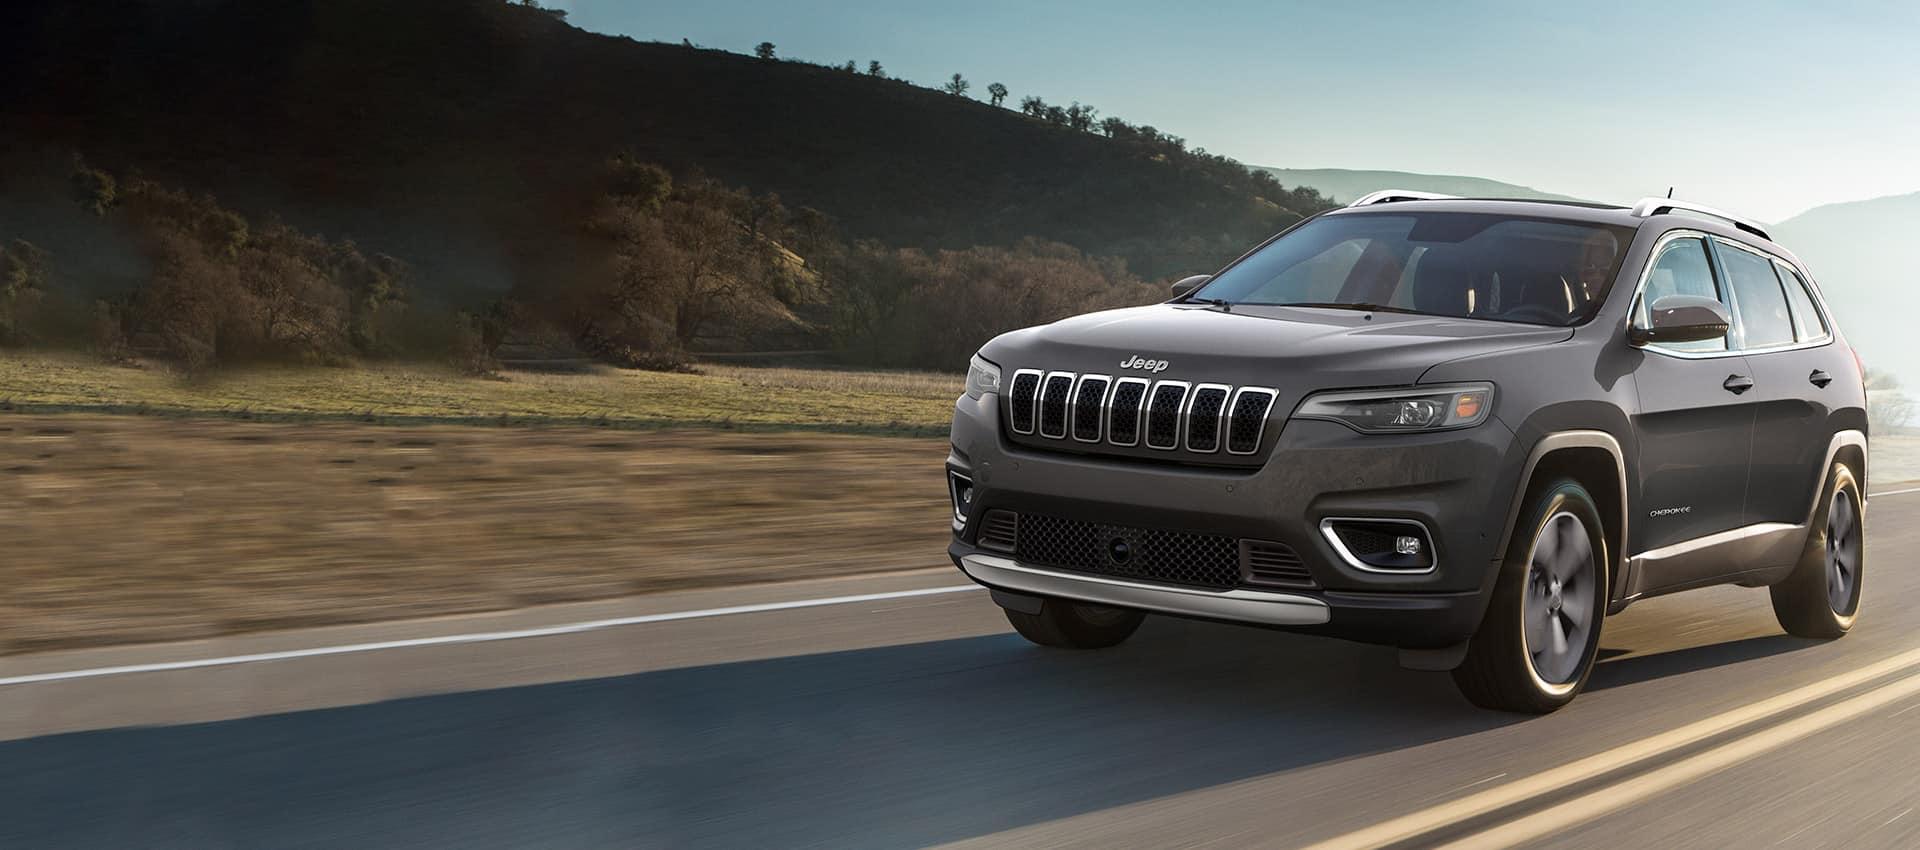 UnJeep Cherokee Limited 2021 andando por una autopista cerca de las montañas.